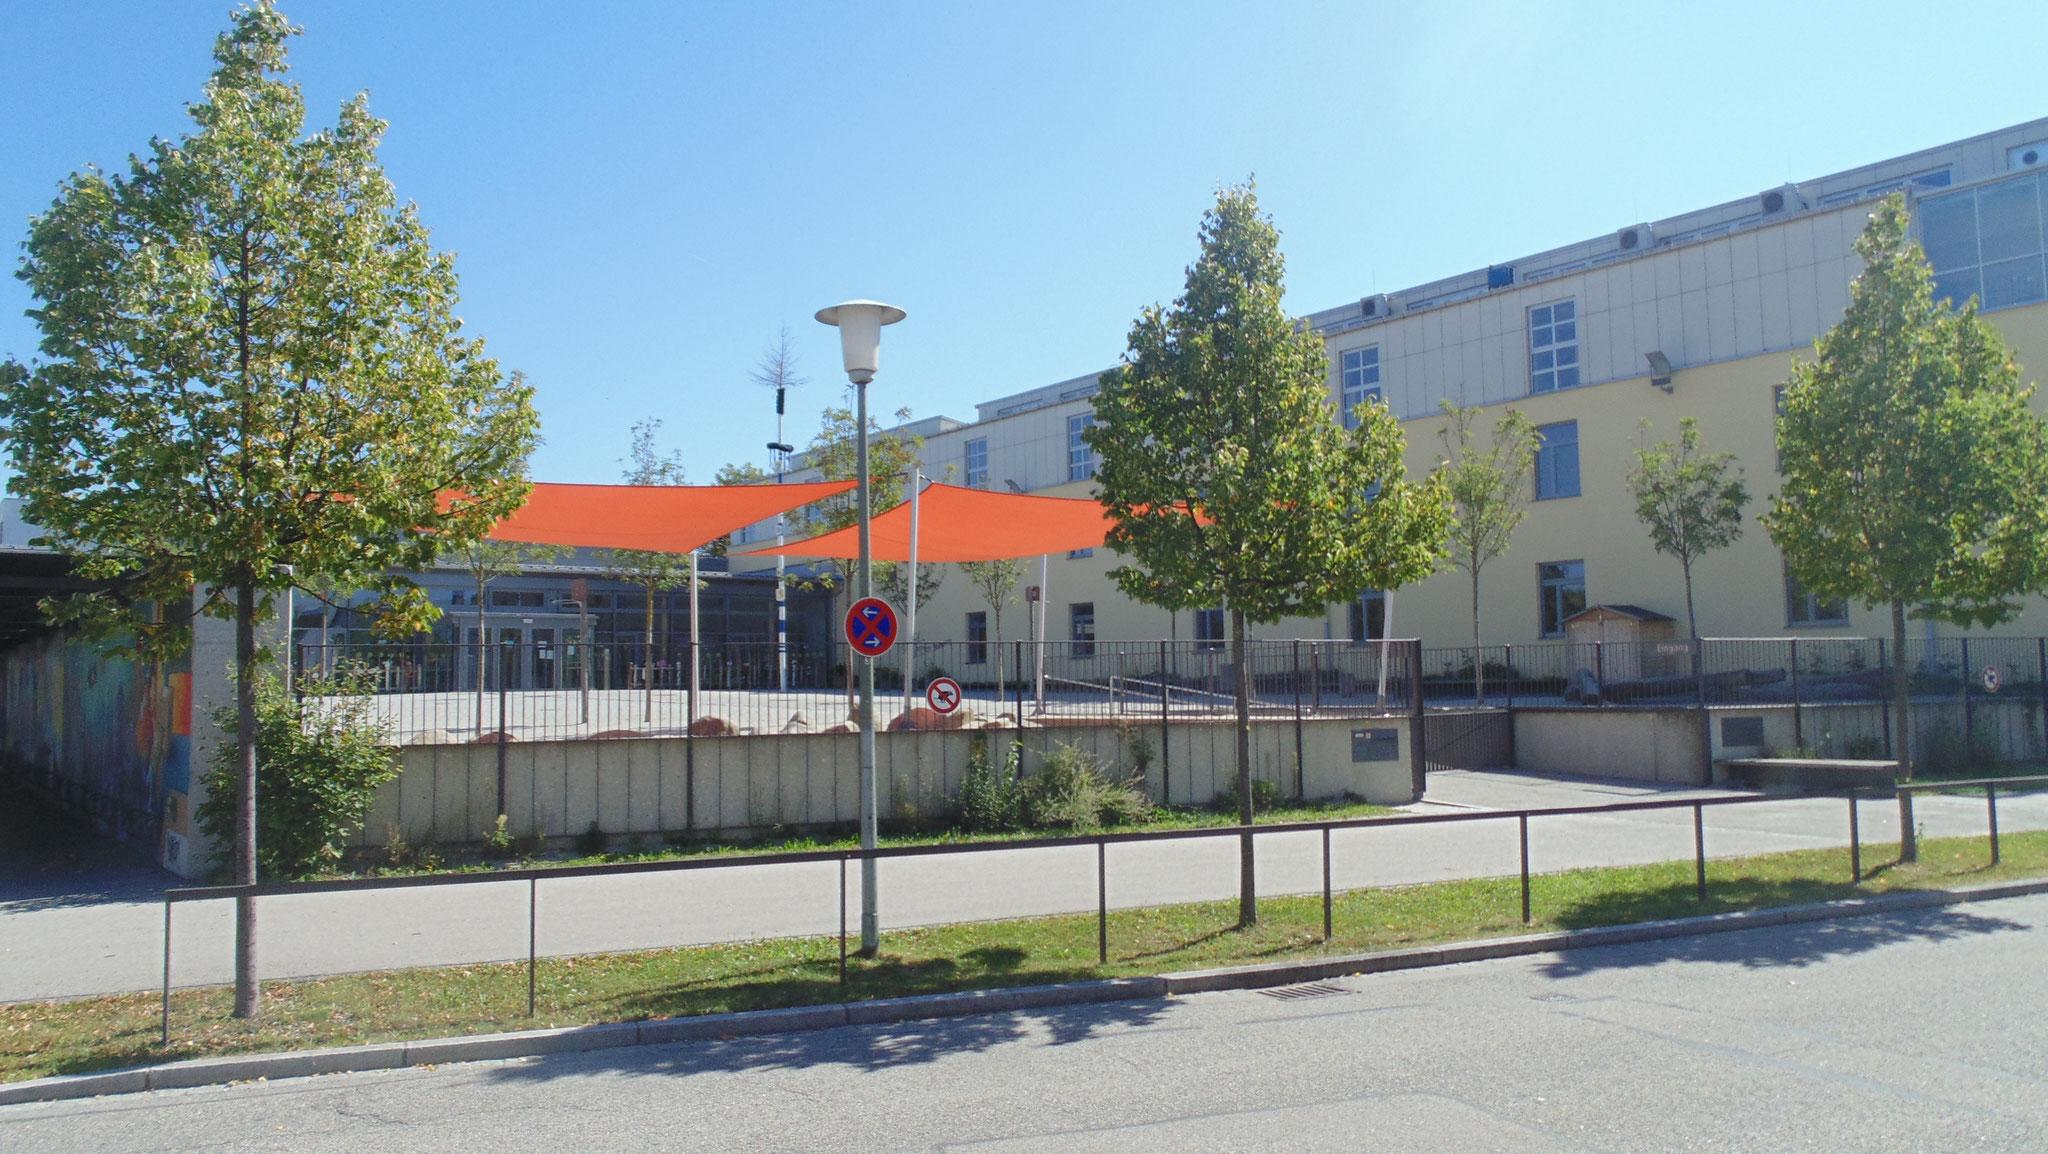 Umbau und Sanierung Volksschule, Ergolding 2011/2012